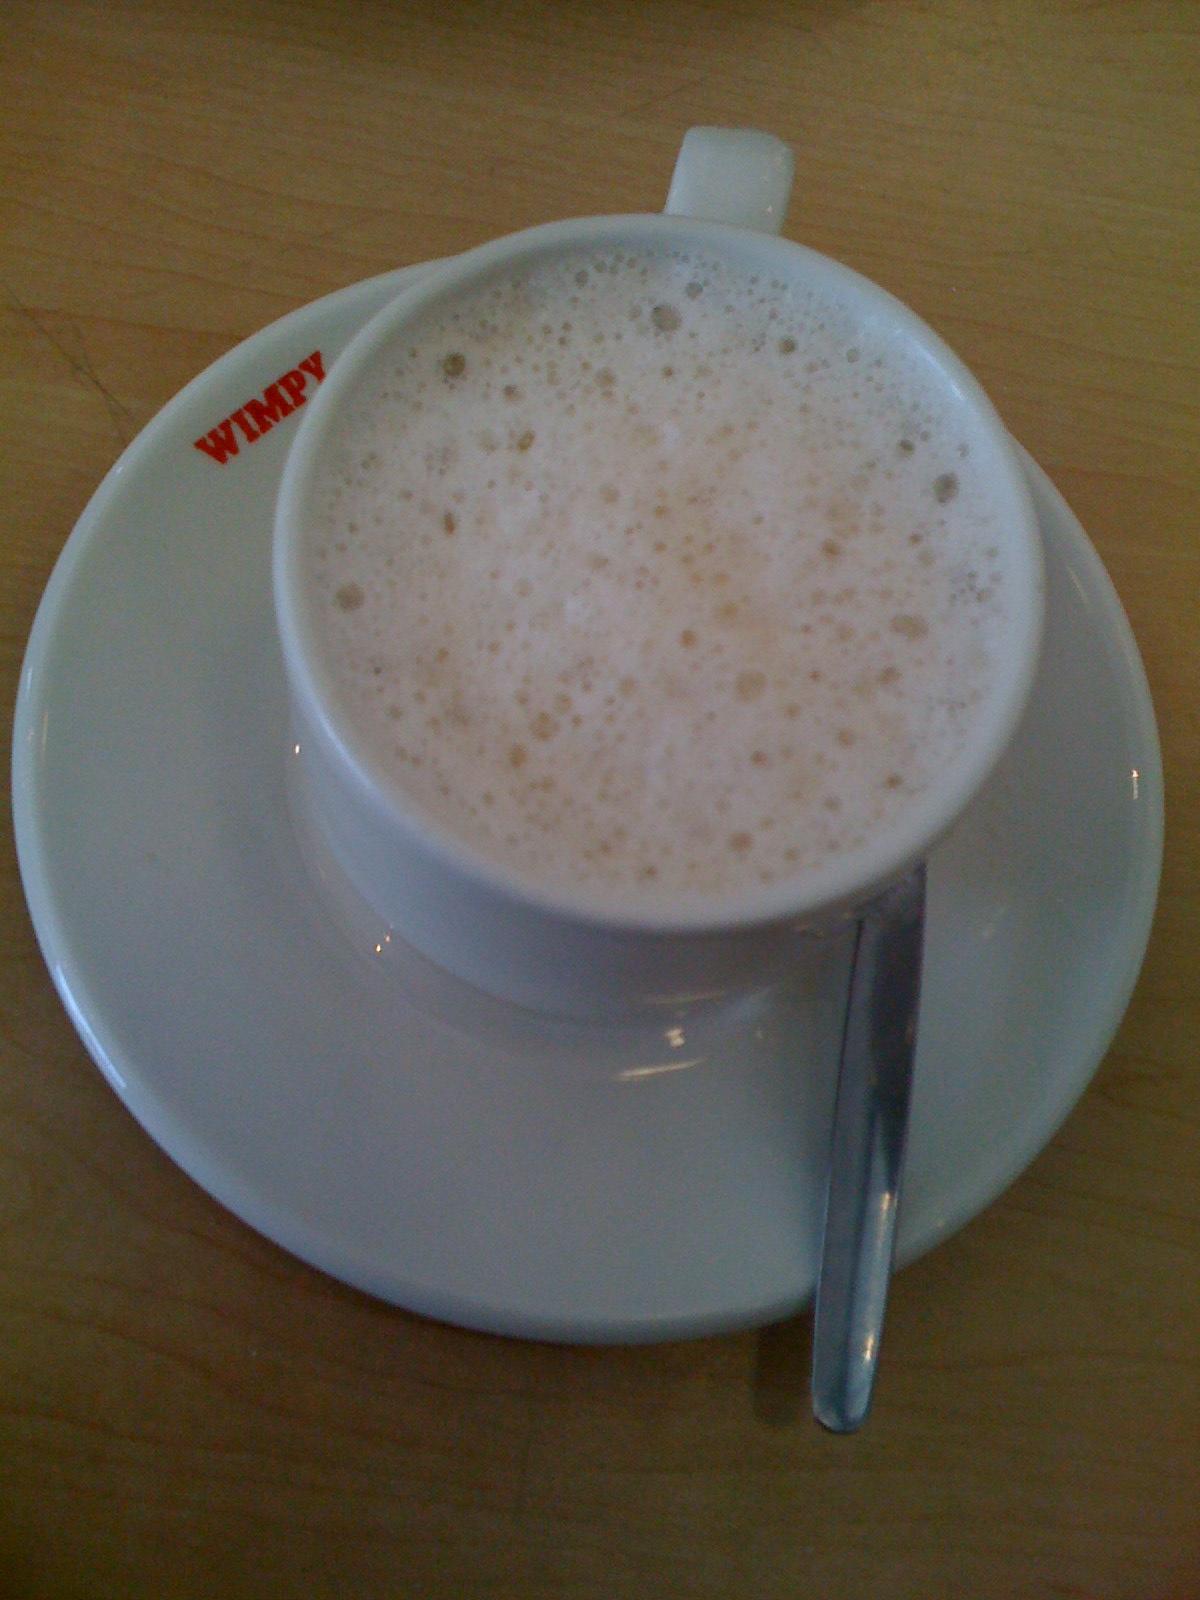 my reward - free coffee from wimpy